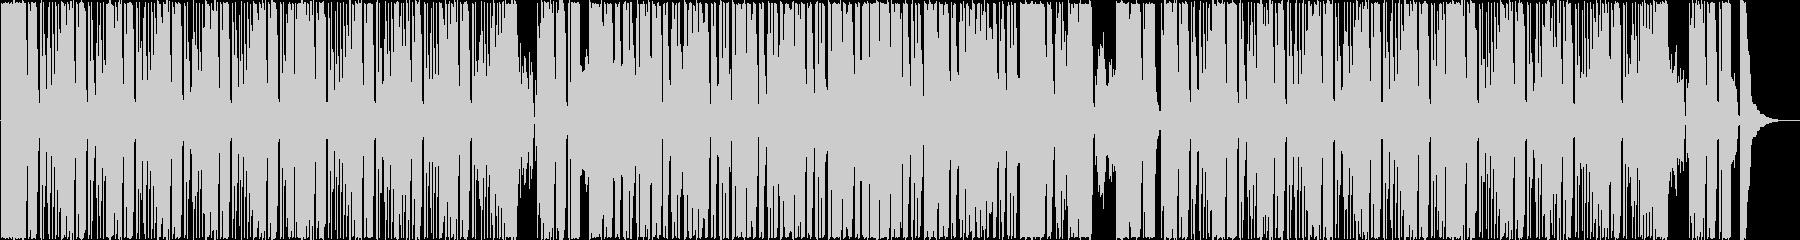 Funk / Youtuber / TV / BGM's unreproduced waveform